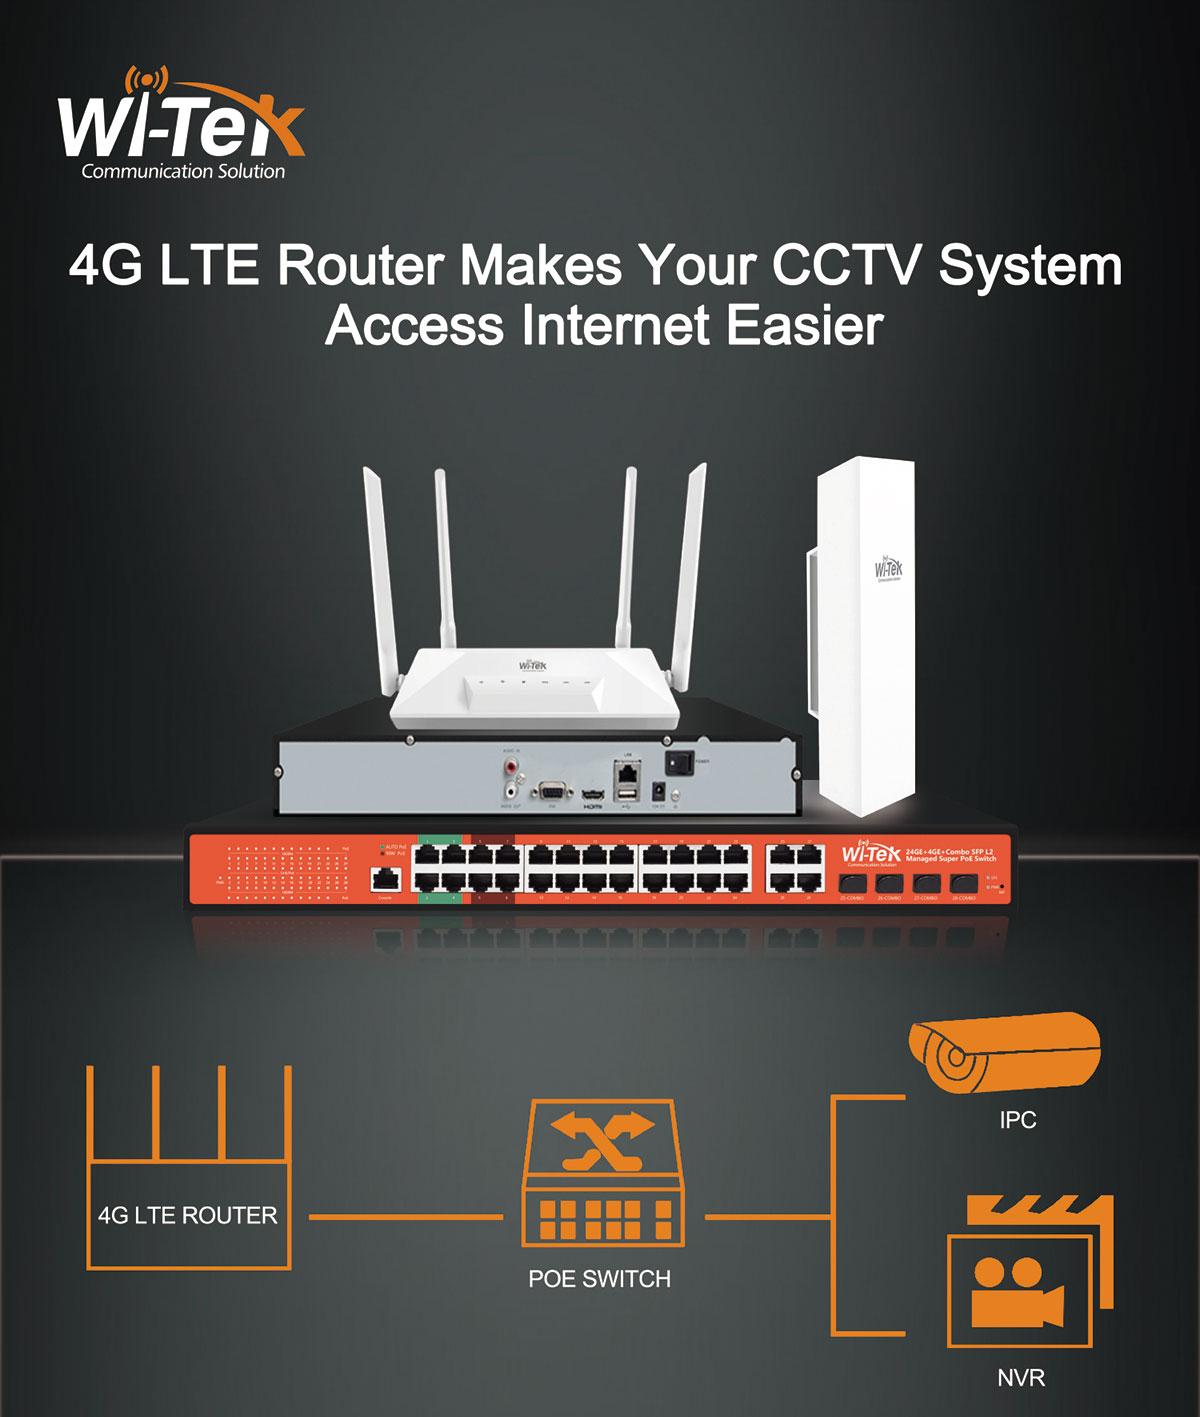 Mejor Router 4g del mercado